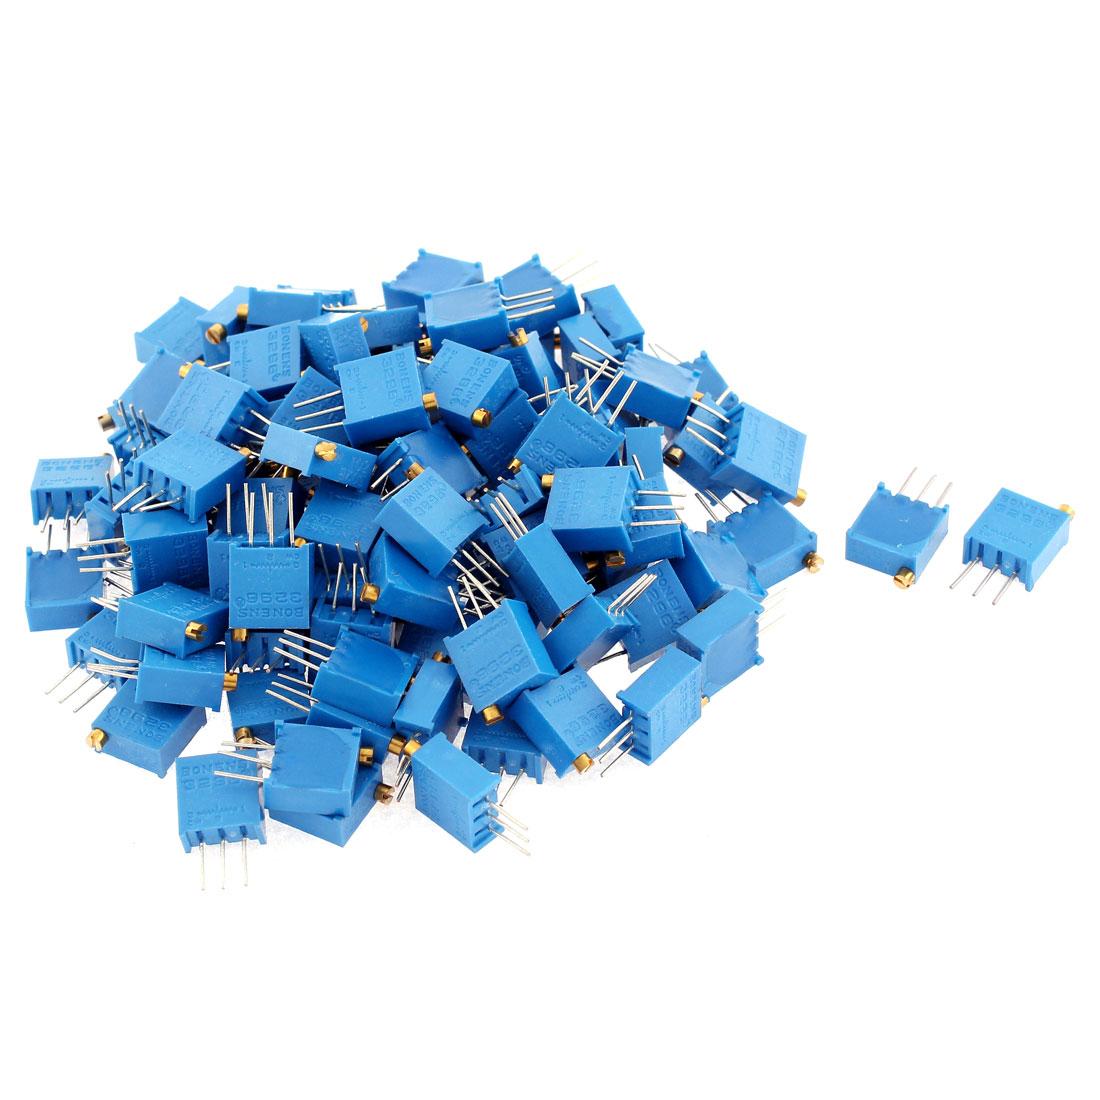 50 Pcs 3296W-102 High Precision Resistor Trim Pot Potentiometer Trimmer